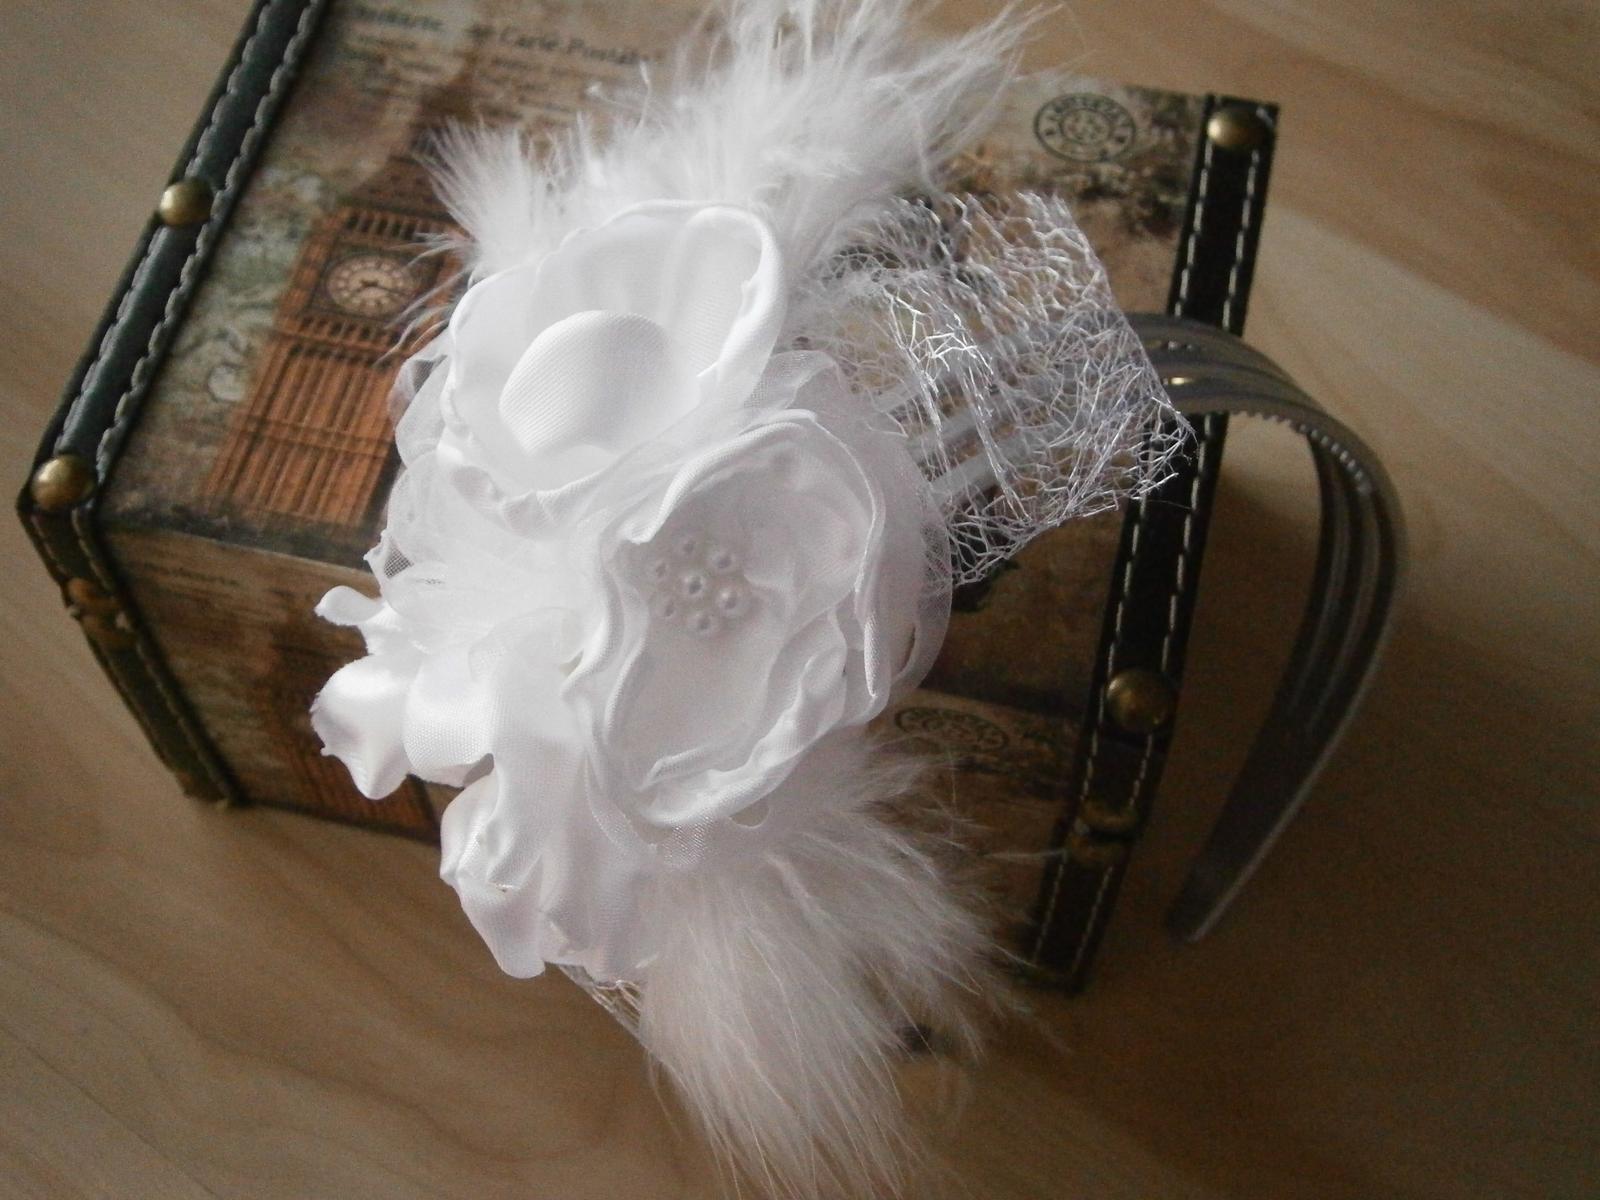 Svadobné dekorácie - skladom - Obrázok č. 21